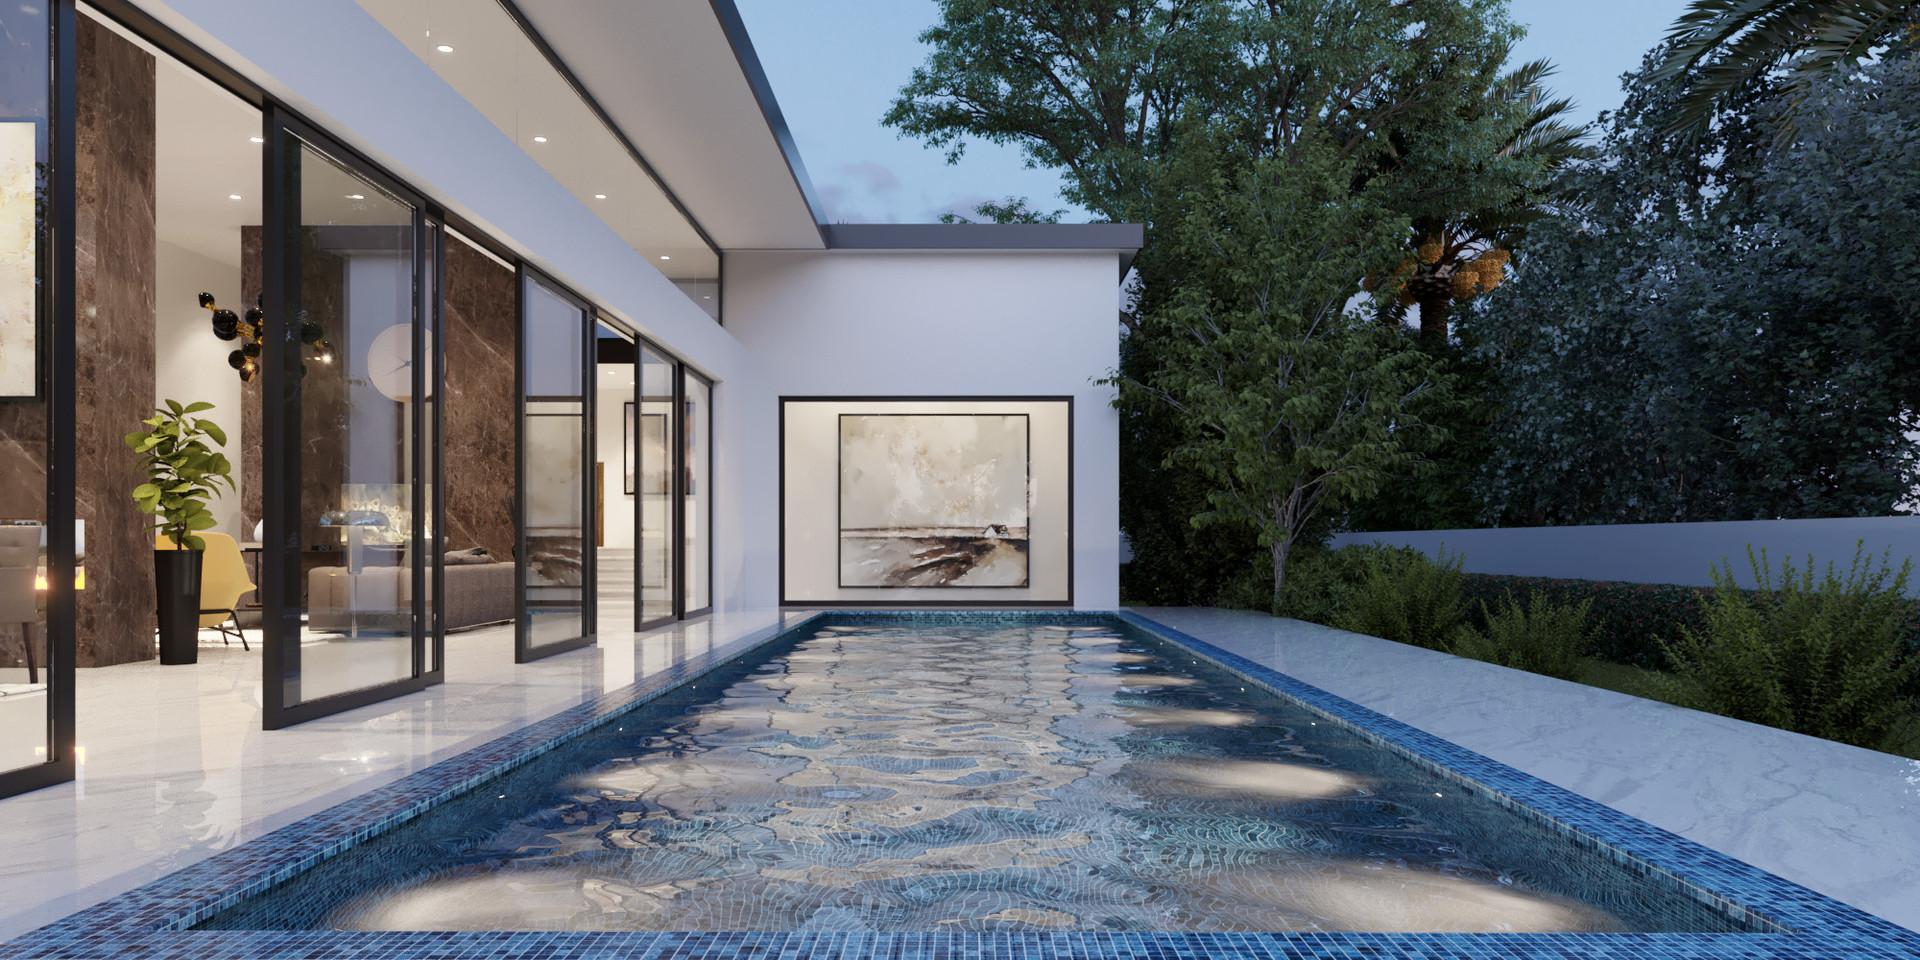 3D_renders_exteriors_house02_8.jpg